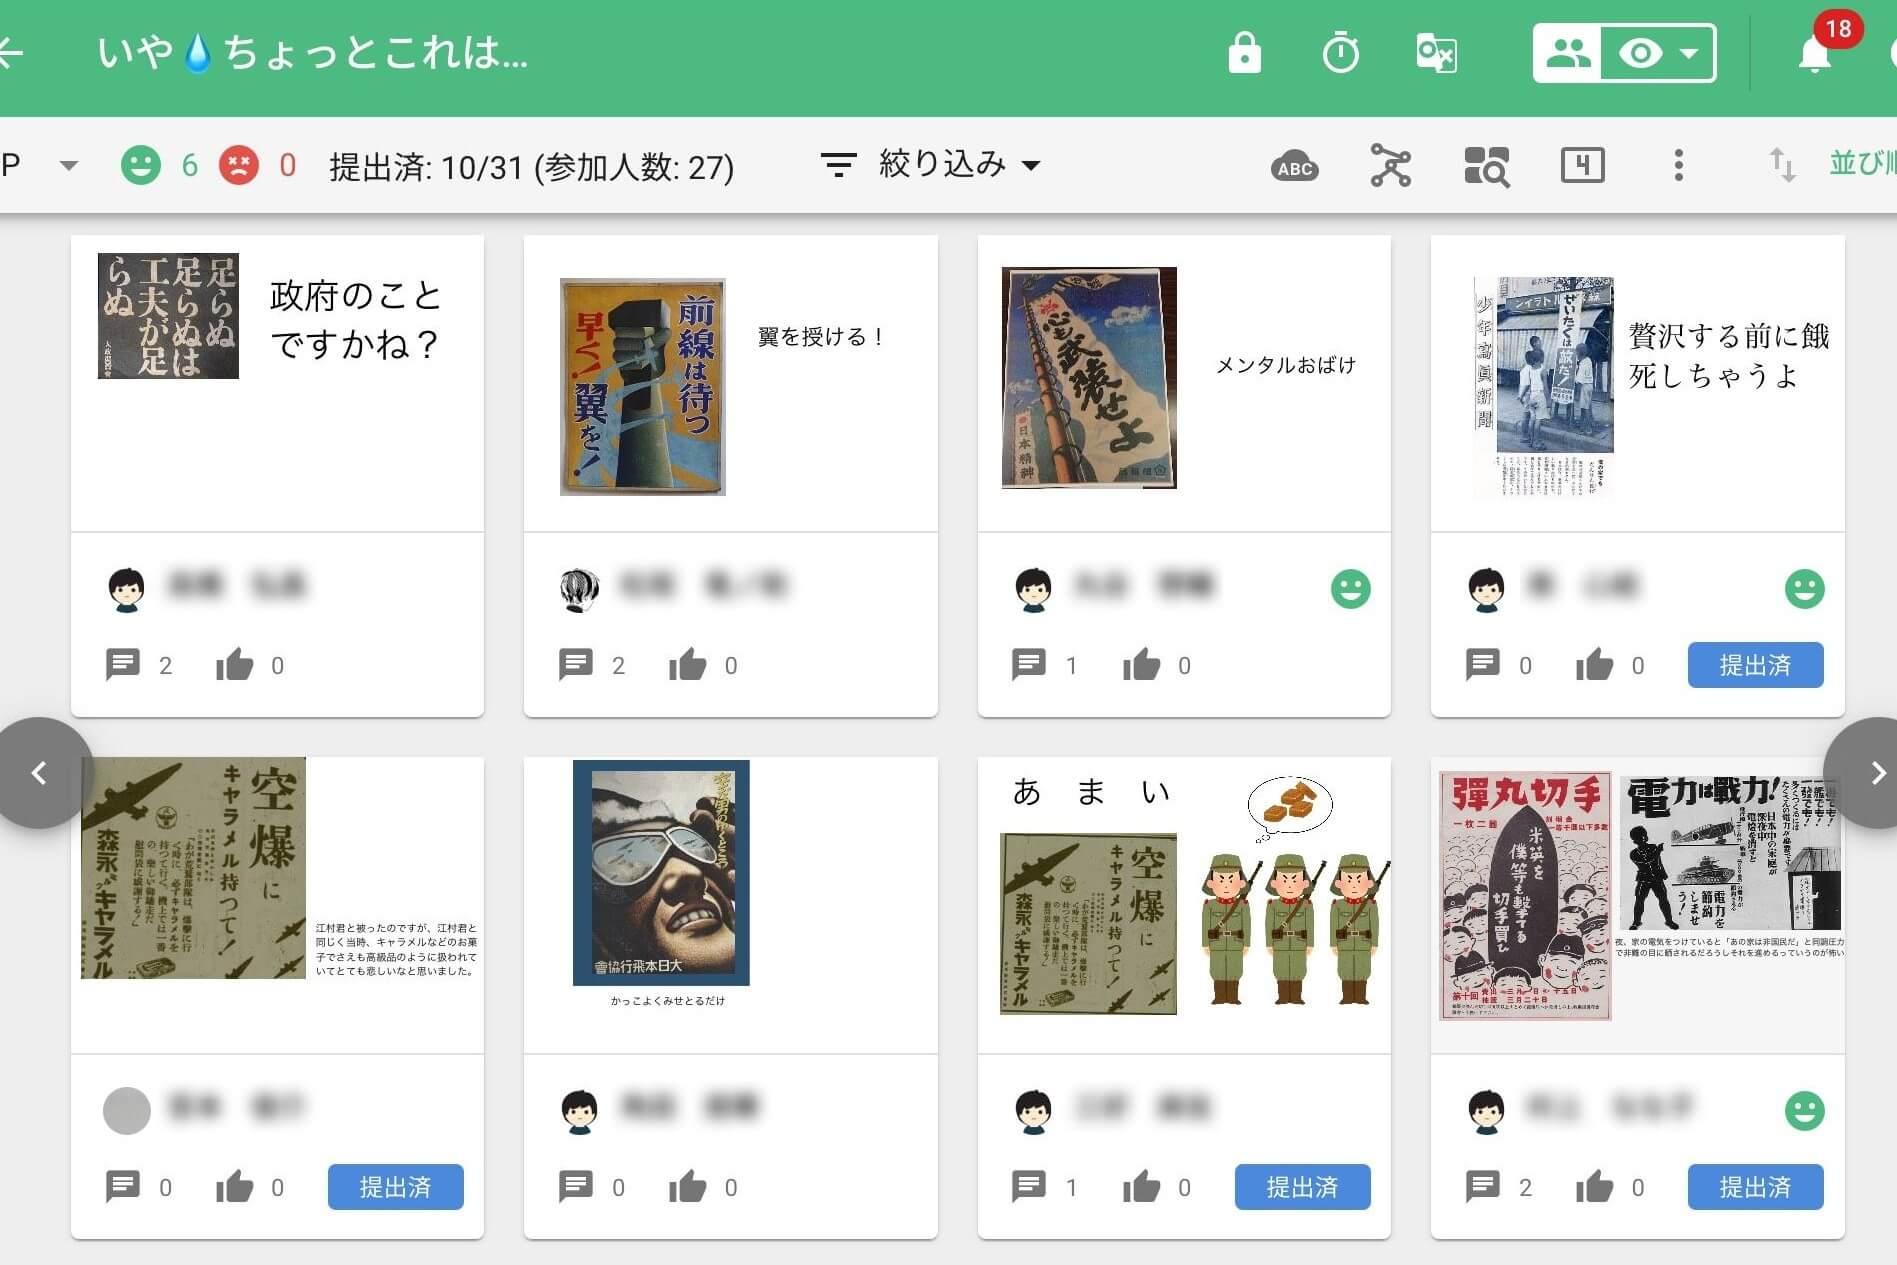 近大福山_生徒の回答画面一覧